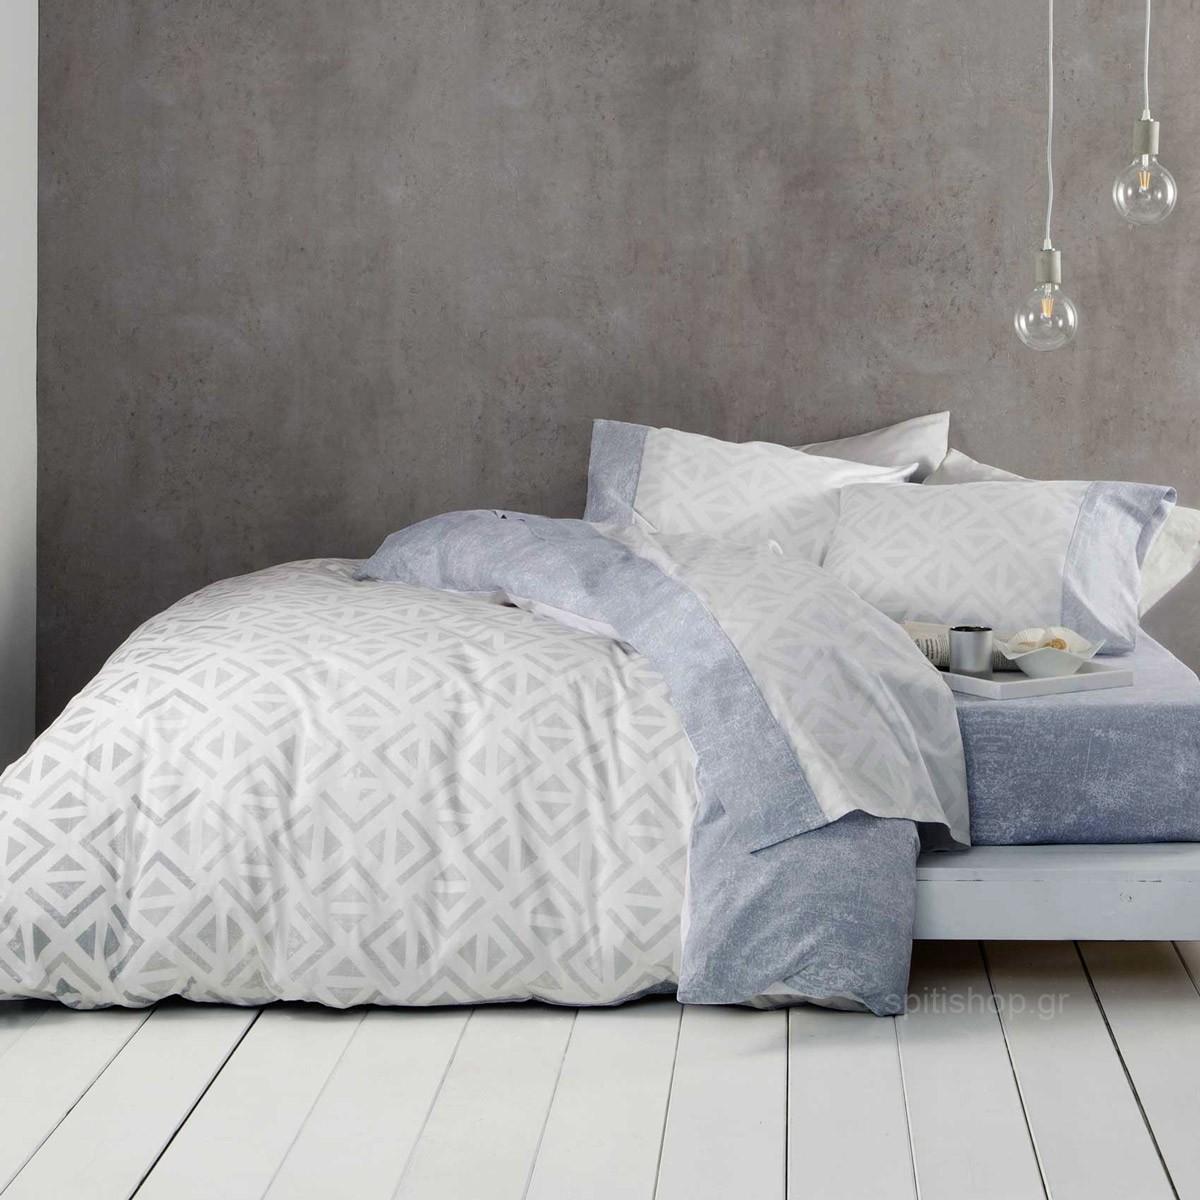 Σεντόνια Υπέρδιπλα (Σετ) Nima Bed Linen Segio Grey